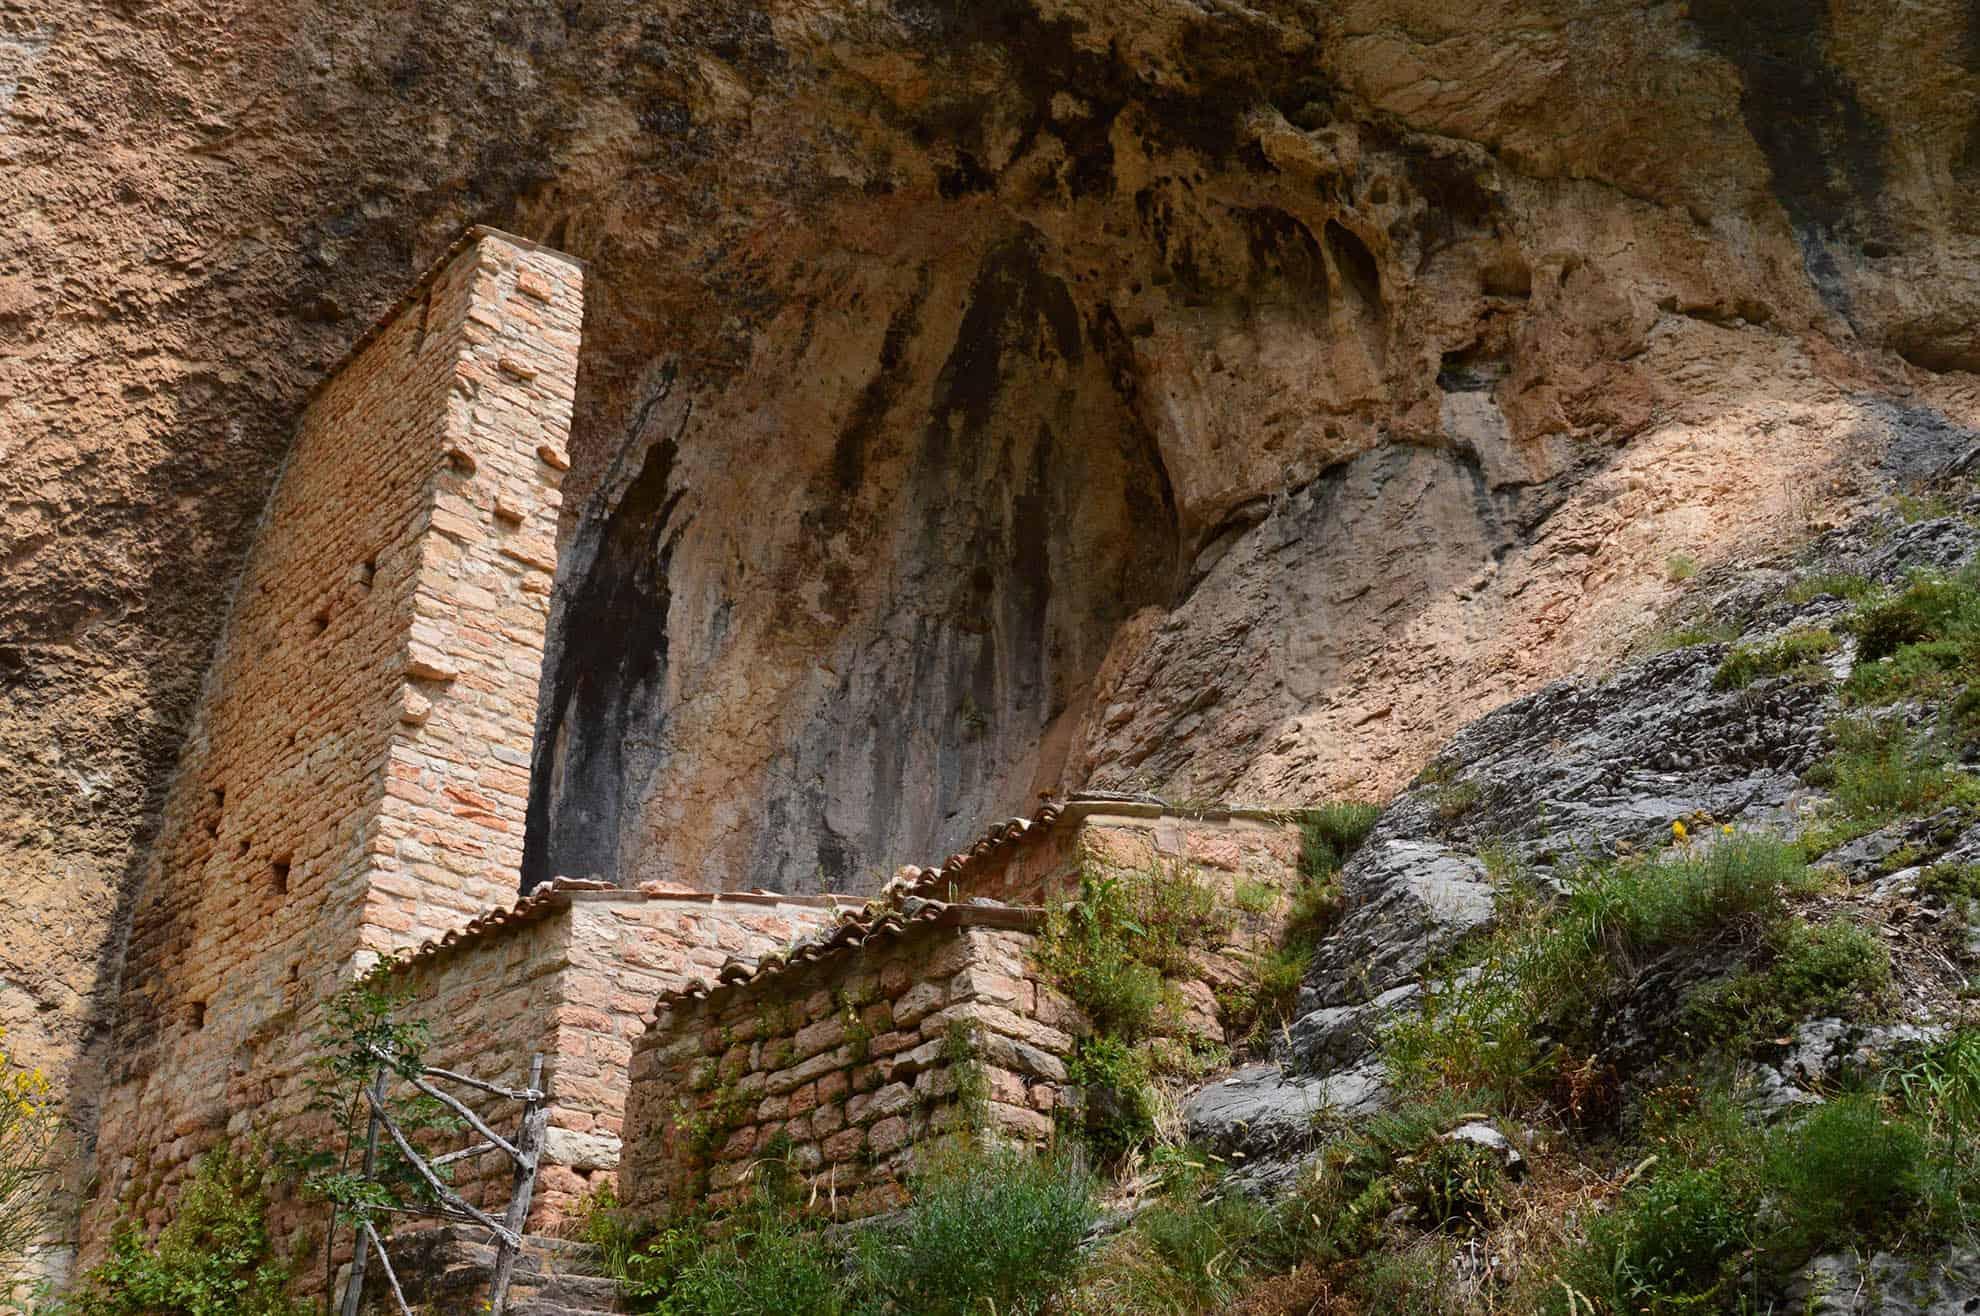 Grotta di Soffiano - Itinerari escursionistici Sarnano